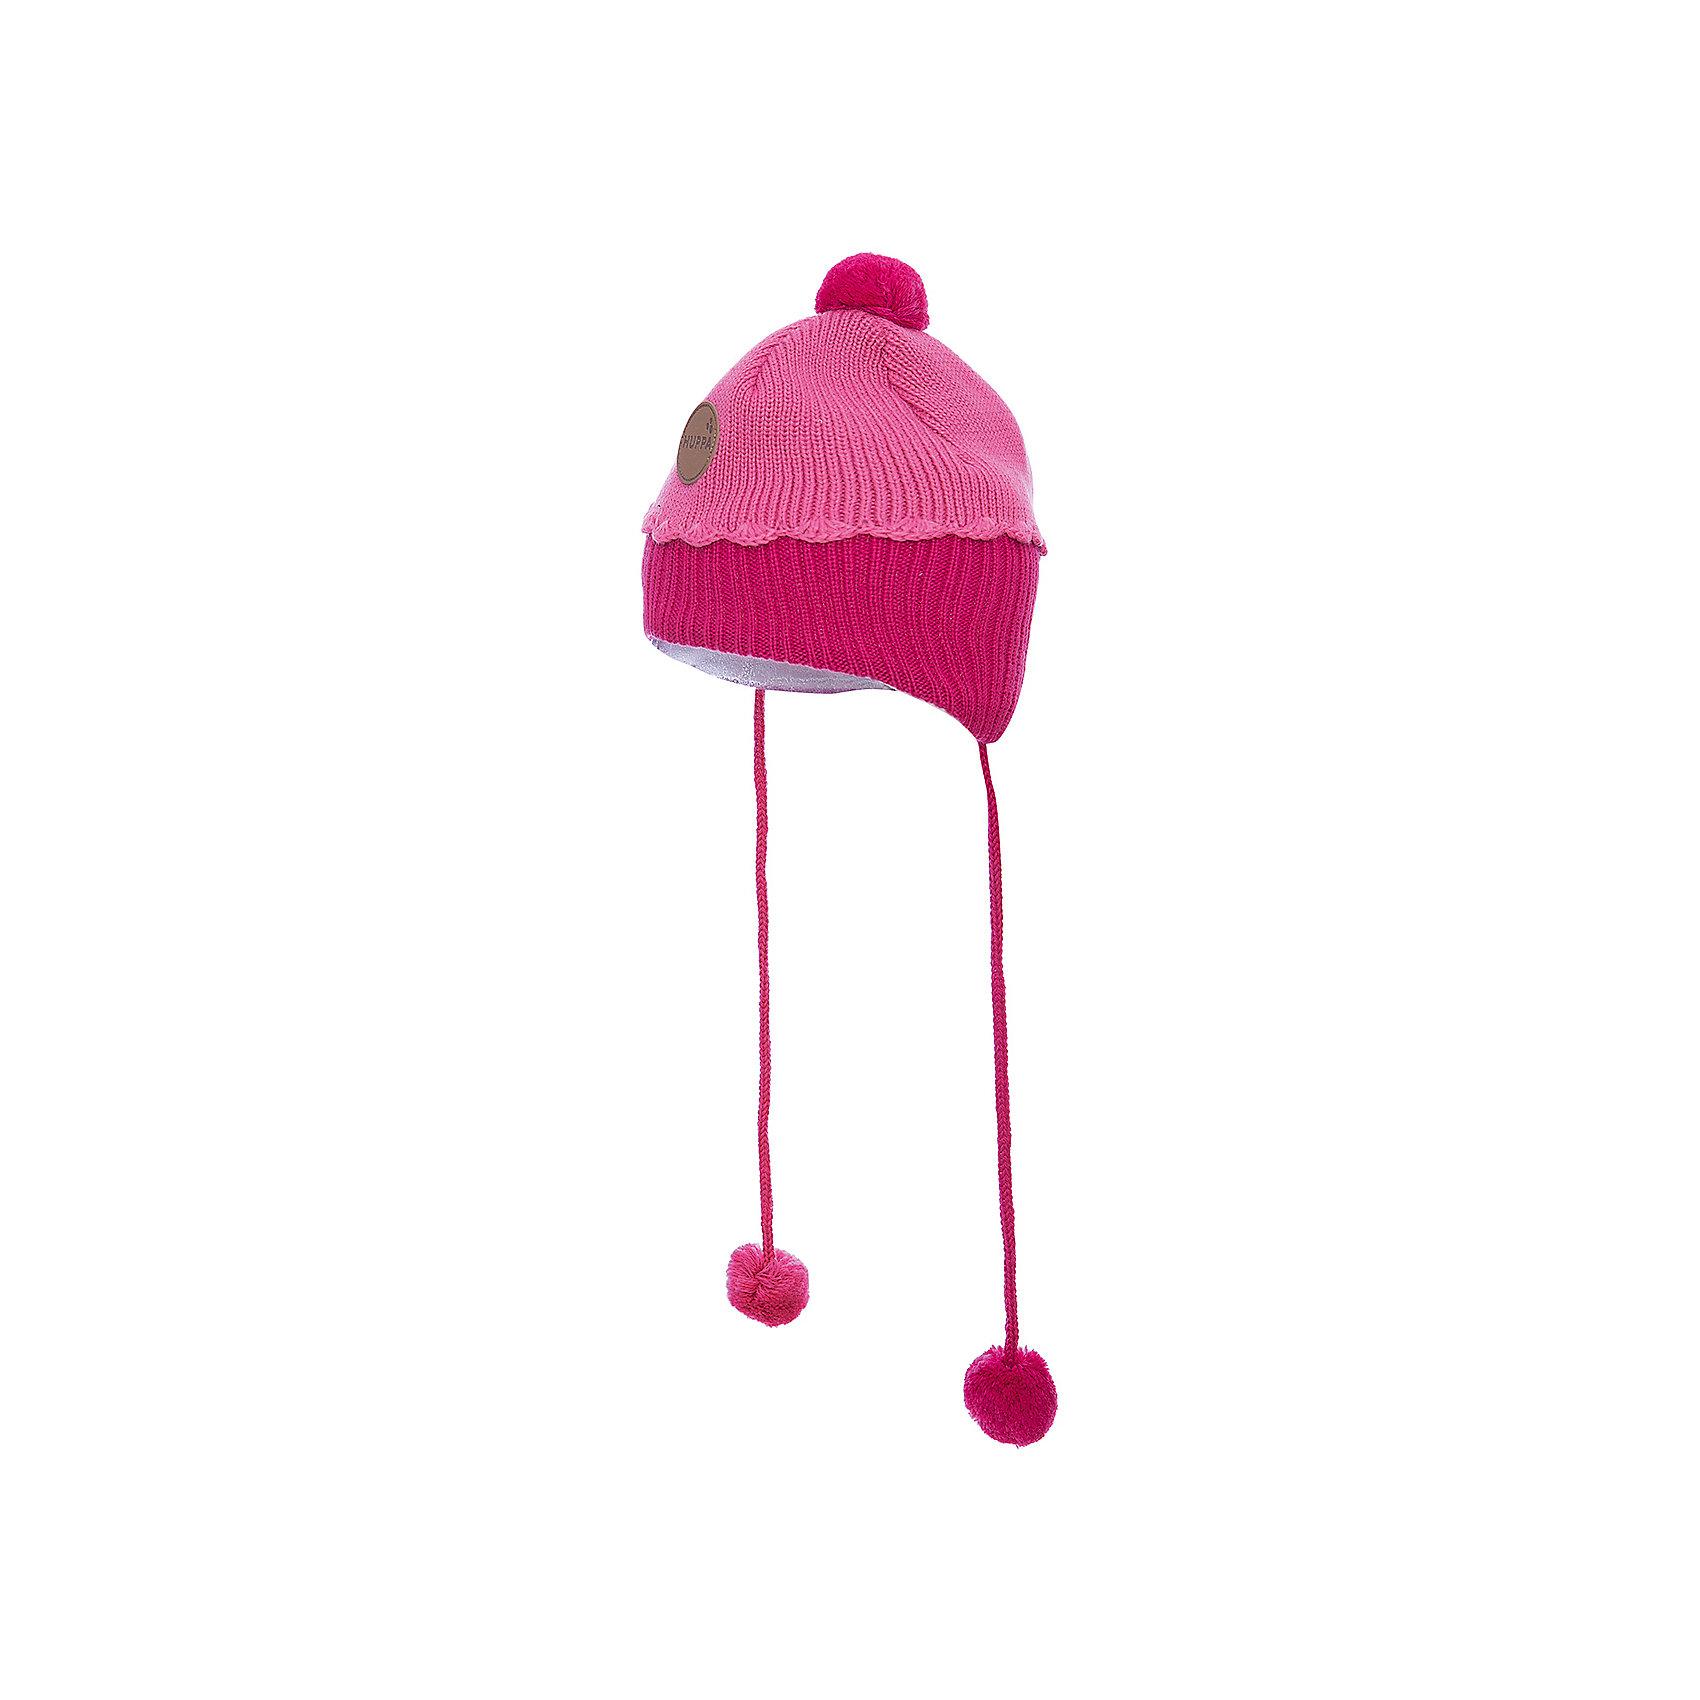 Шапка для девочки HuppaГоловные уборы<br>Зимняя вязаная двухцветная шапка для малышей. Для удобства ношения у шапки приятная подкладка из хлопкового трикотажа, наружная часть из смеси 50% мериносовой шерсти и 50% акриловой пряжи. Более интересной шапку делают разноцветные ленты с помпонами, при помощи которых шапку можно завязать и защитить уши от холода, а также кружева в разрезе. <br><br><br><br>Шапку для девочки Huppa (Хуппа) можно купить в нашем магазине.<br><br>Ширина мм: 89<br>Глубина мм: 117<br>Высота мм: 44<br>Вес г: 155<br>Цвет: розовый<br>Возраст от месяцев: 12<br>Возраст до месяцев: 24<br>Пол: Женский<br>Возраст: Детский<br>Размер: 47-49,43-45,51-53<br>SKU: 4242920